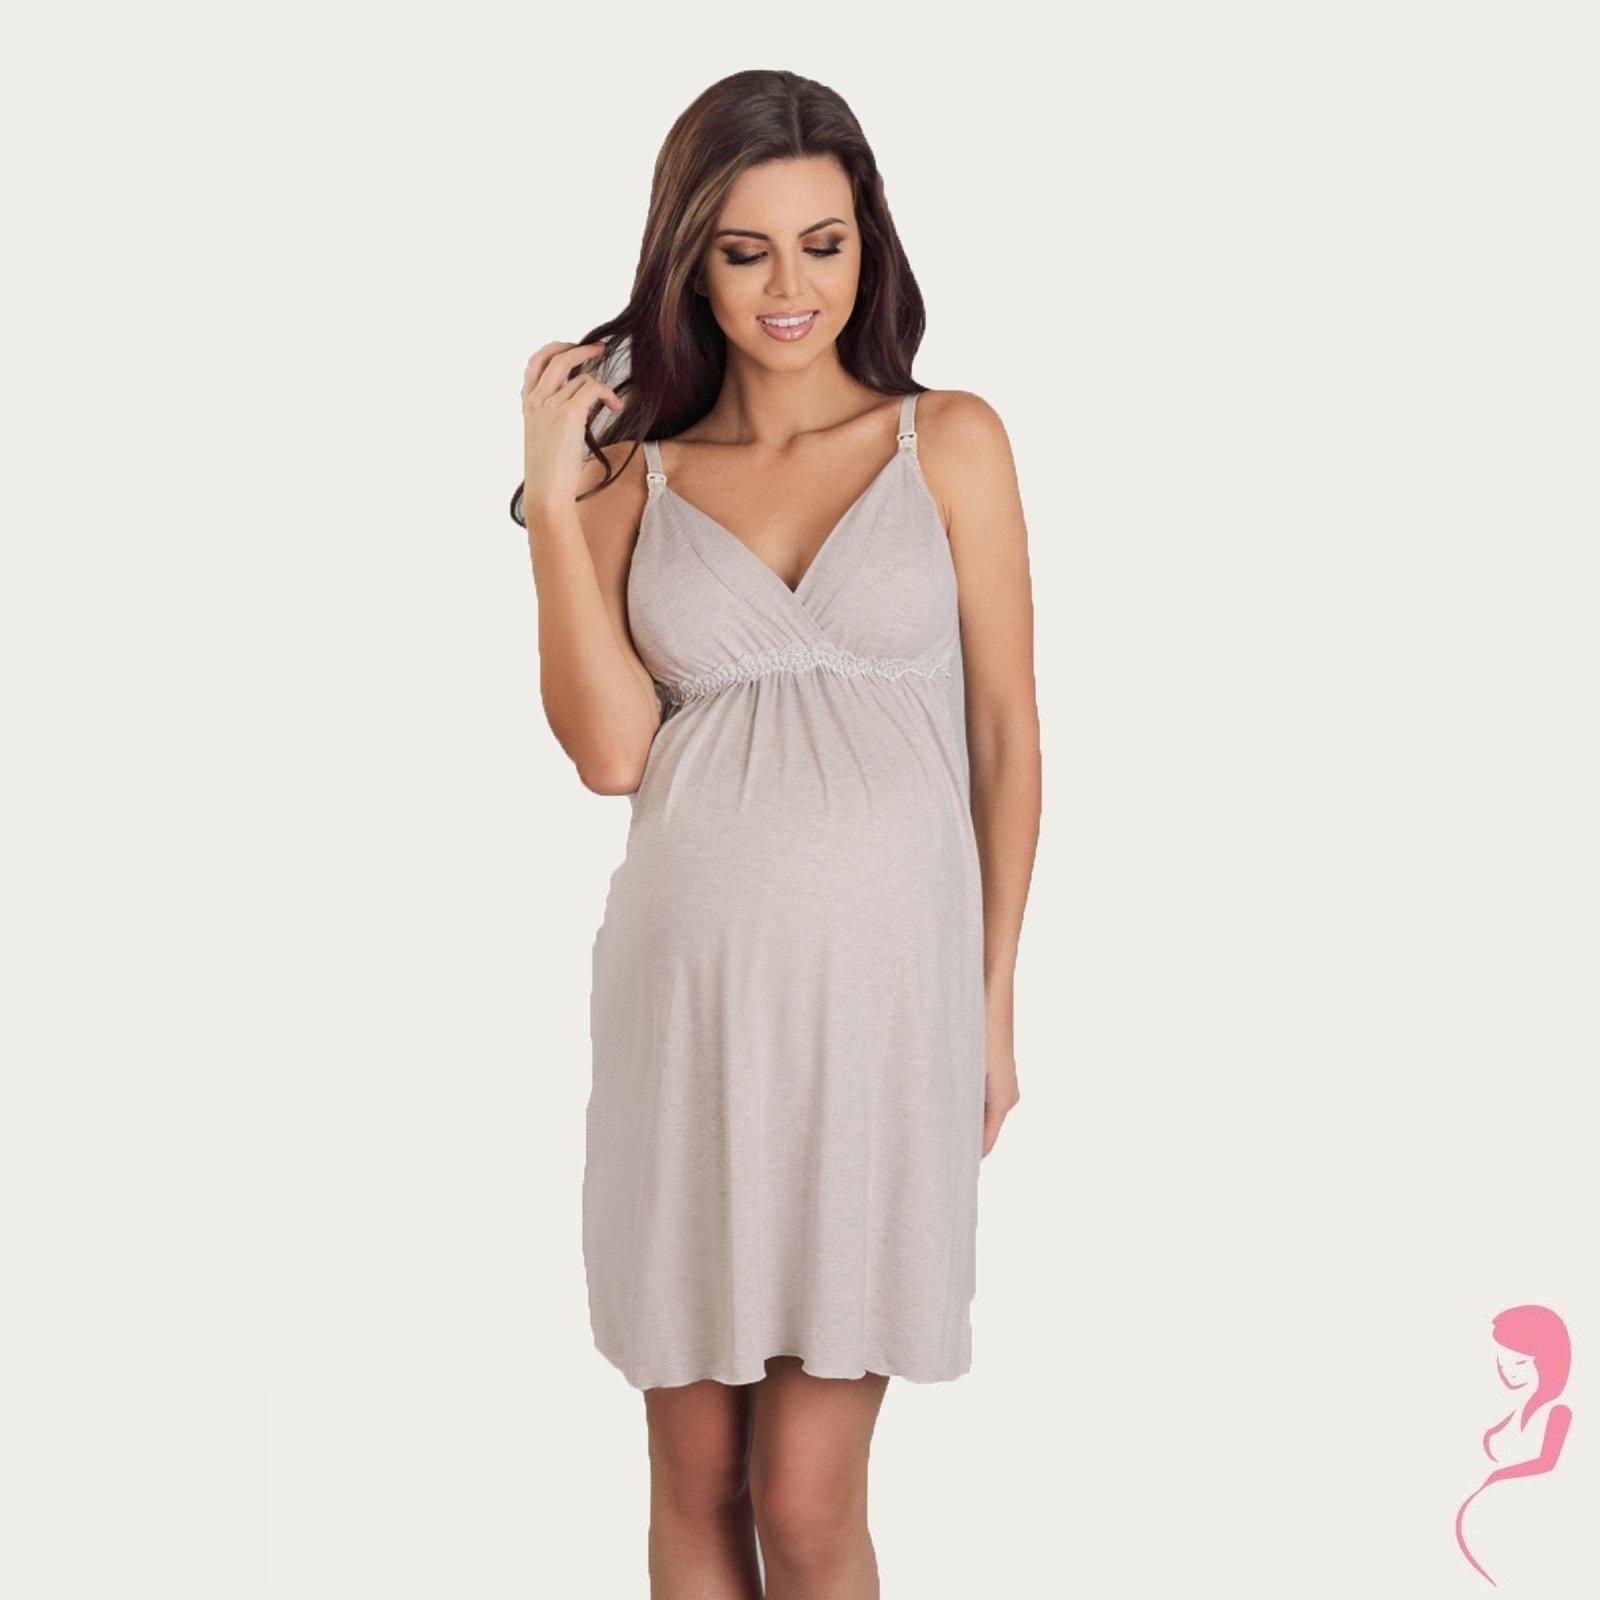 Lupoline Zwangerschapsjurk - Voedingsjurk Latte